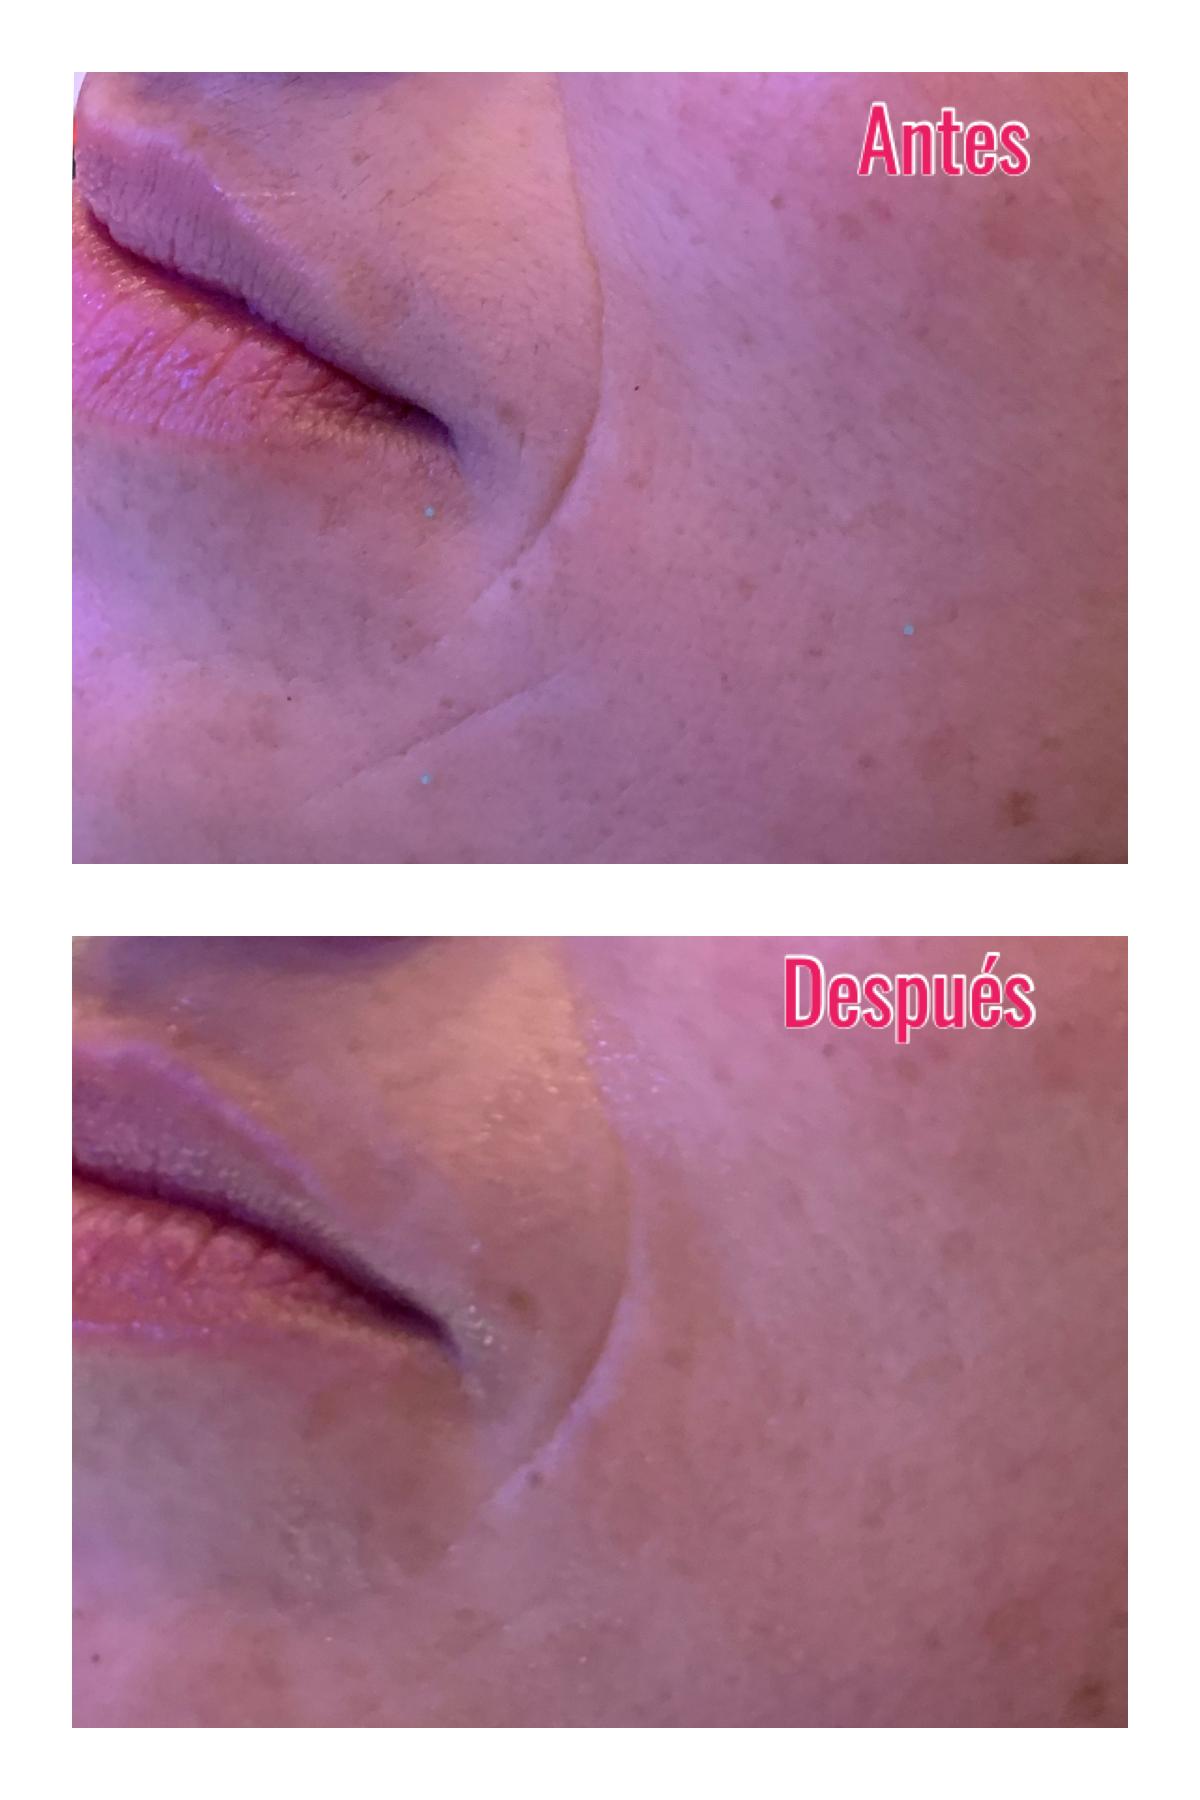 Whynot-shopper-centre-kybalion-tratamiento-estetico-oxigenesis-activador-celular-natural-capilar-facial-corporal-beauty-skin-care